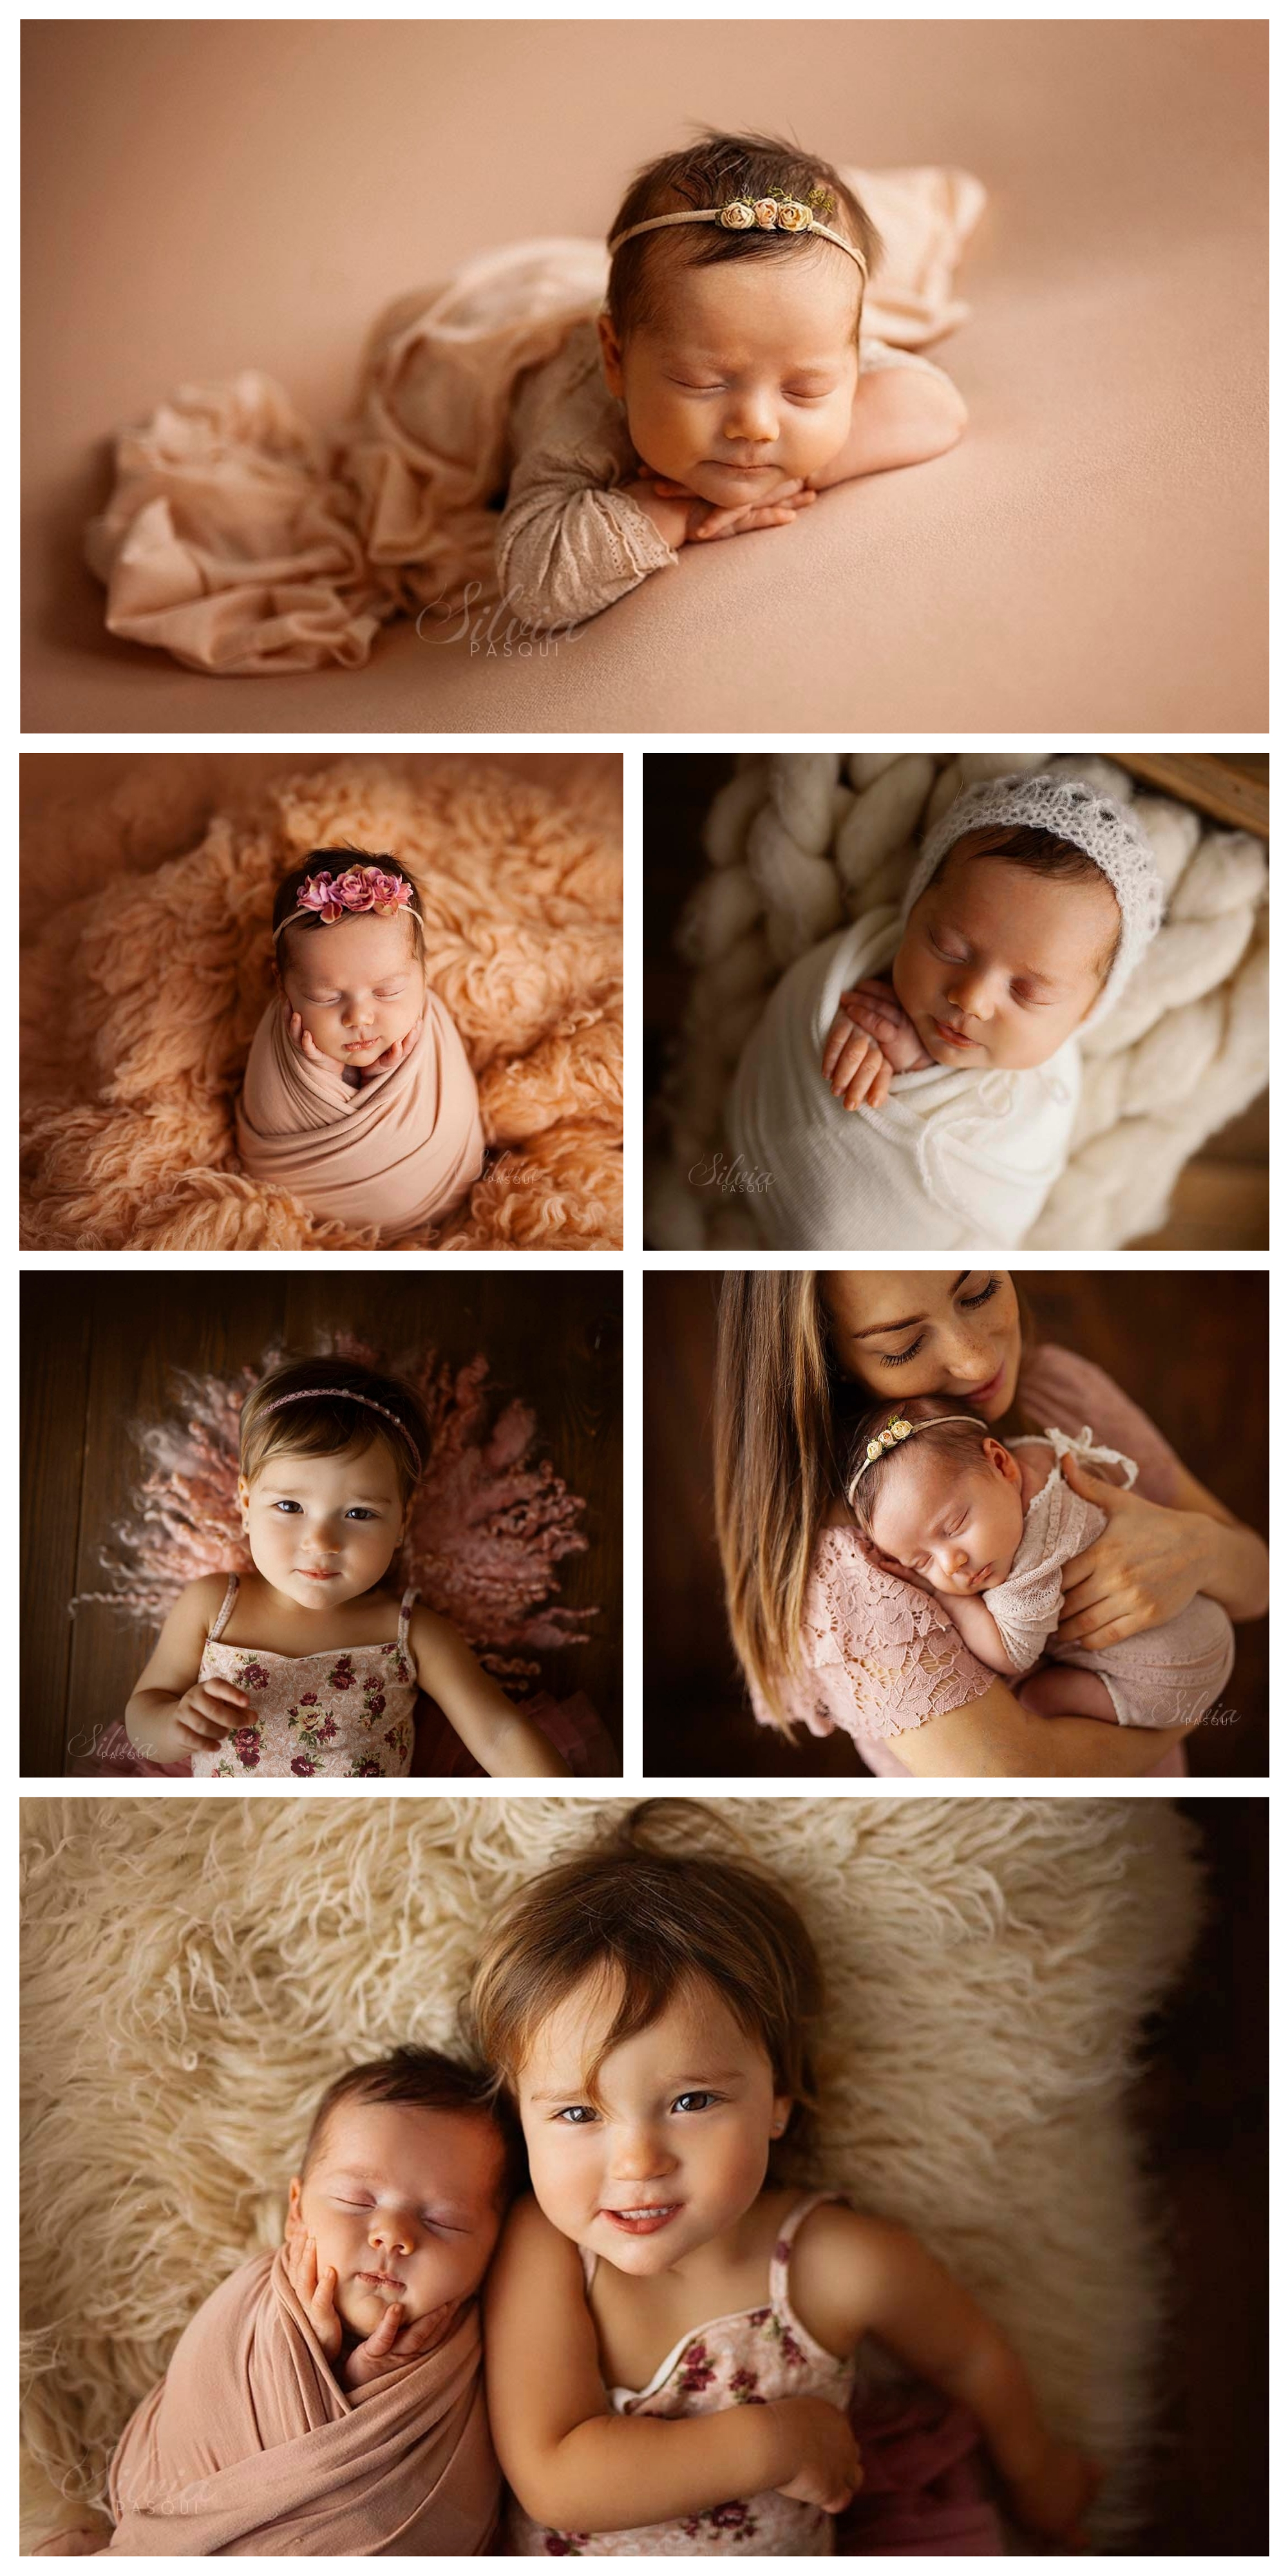 miglior fotografa neonati